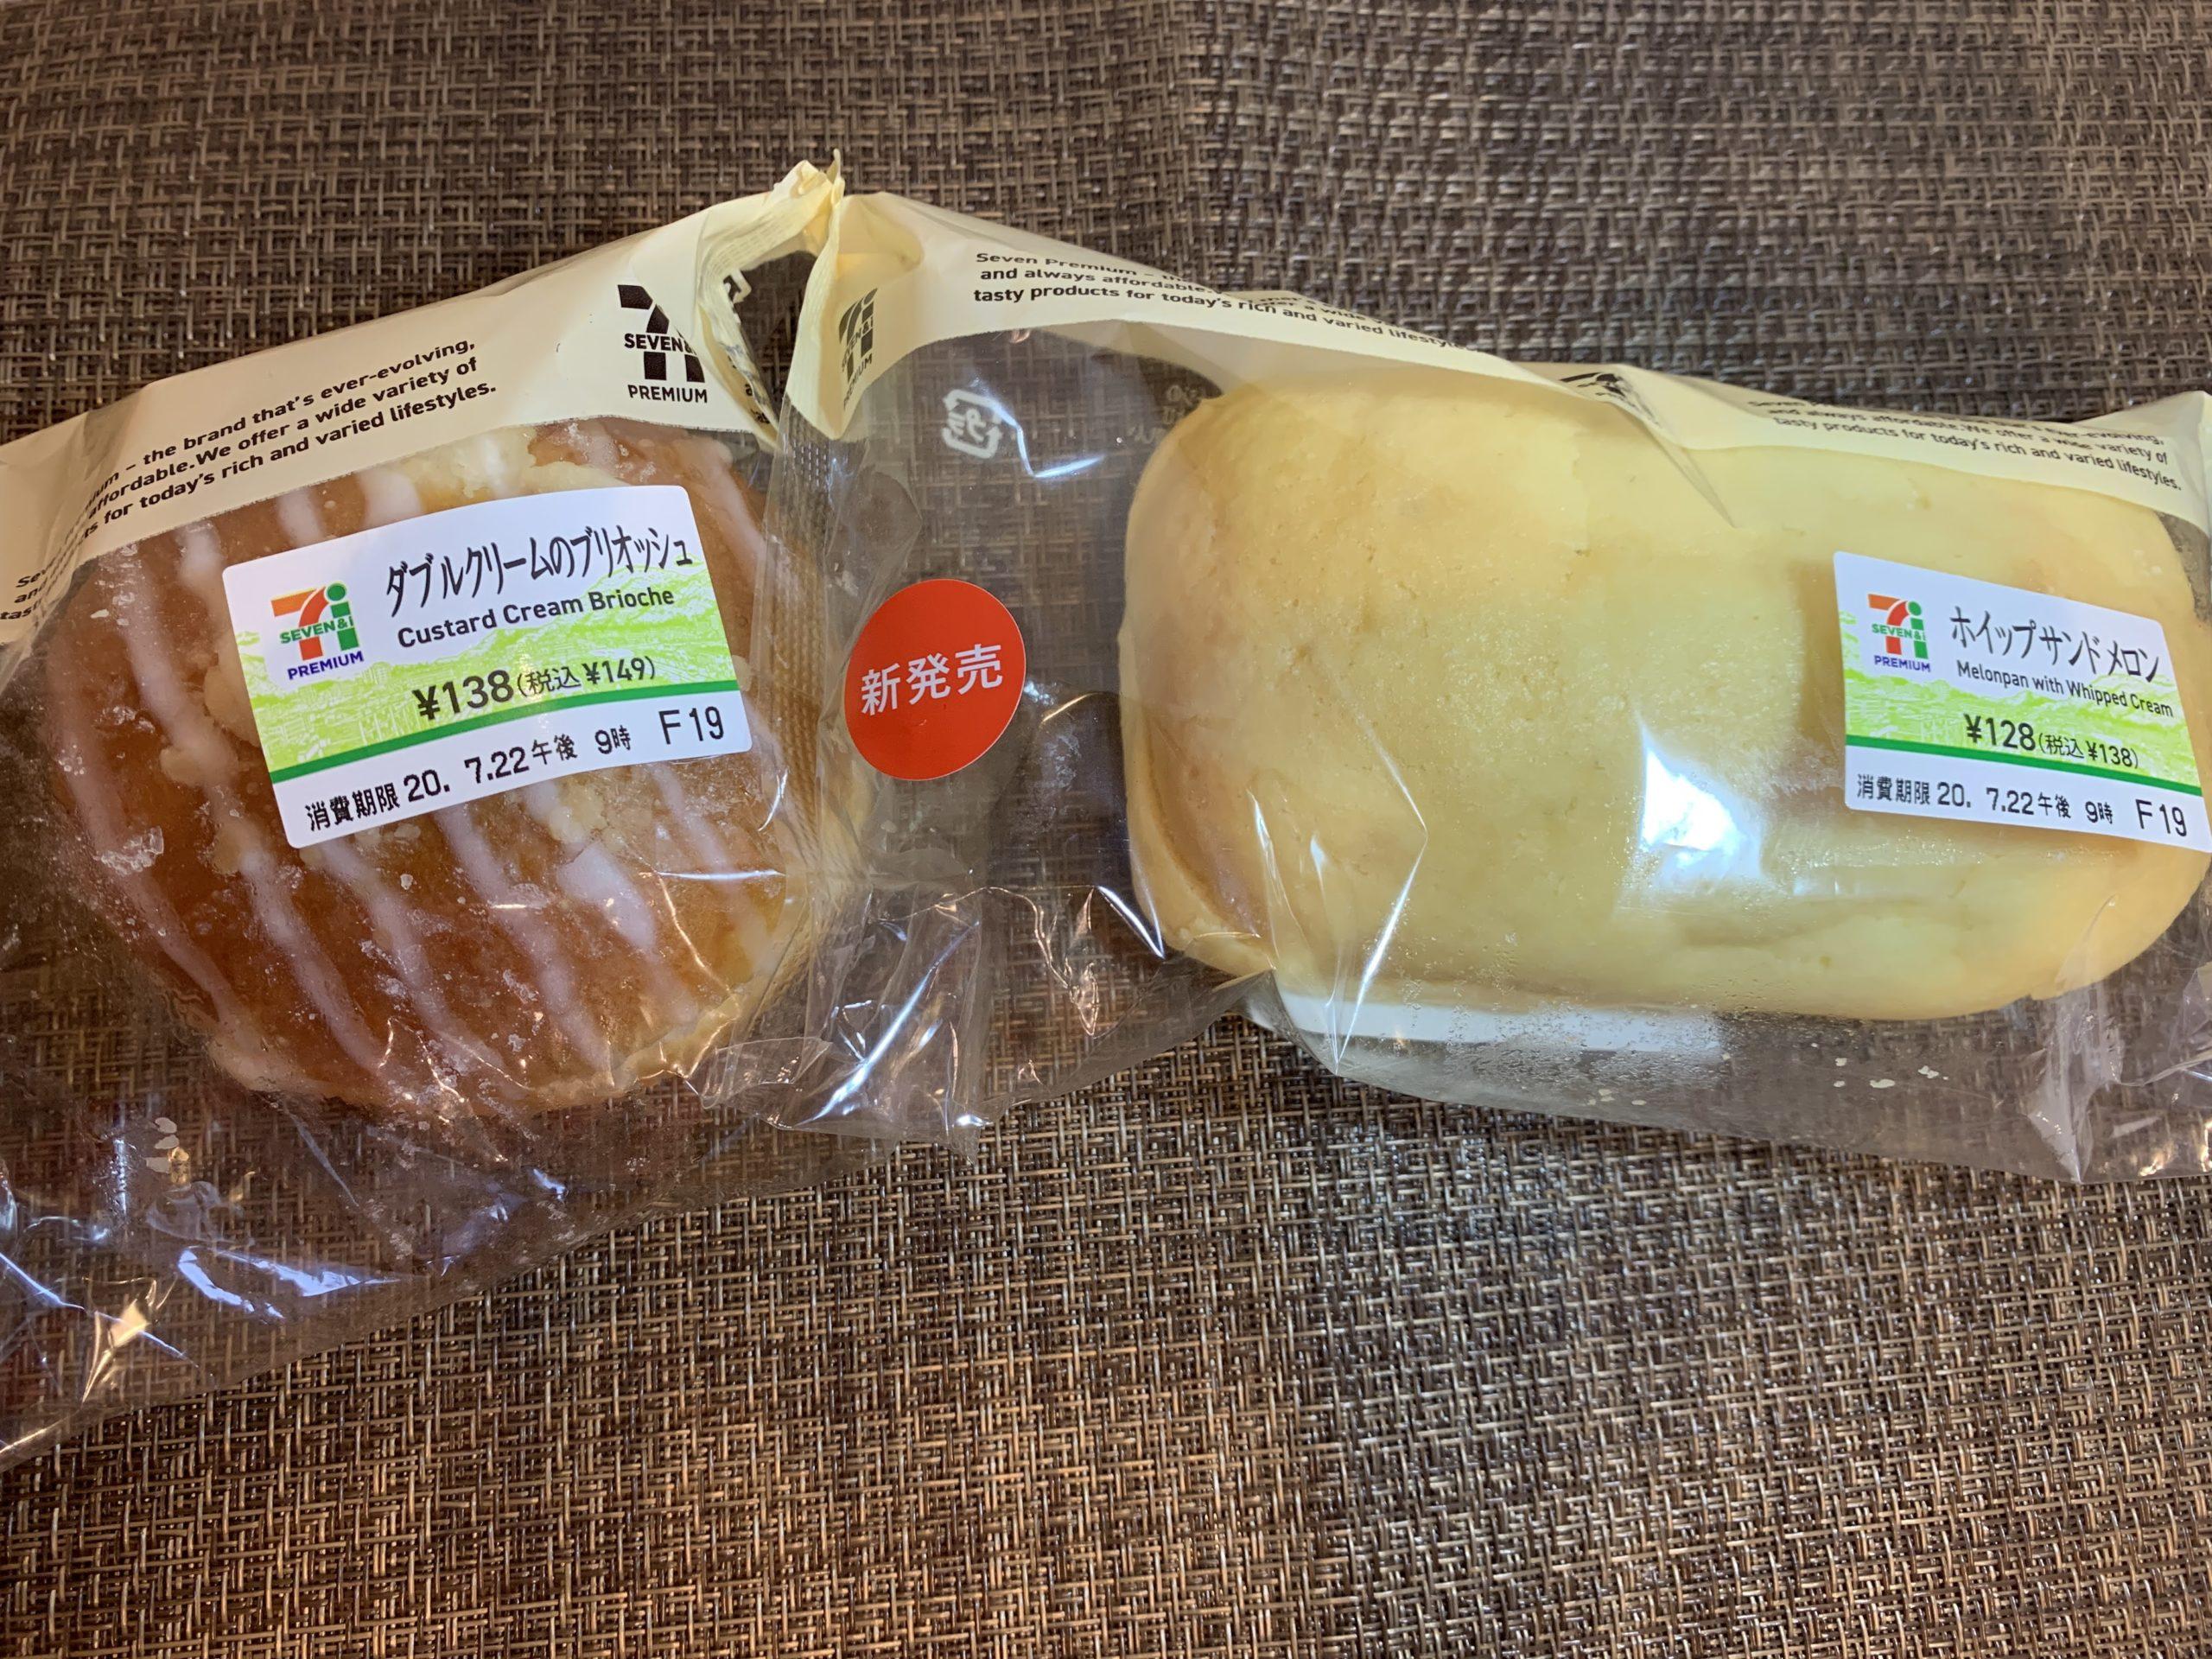 セブン菓子パン:ホイップサンドメロン&ダブルクリームのブリオッシュは美味しい?